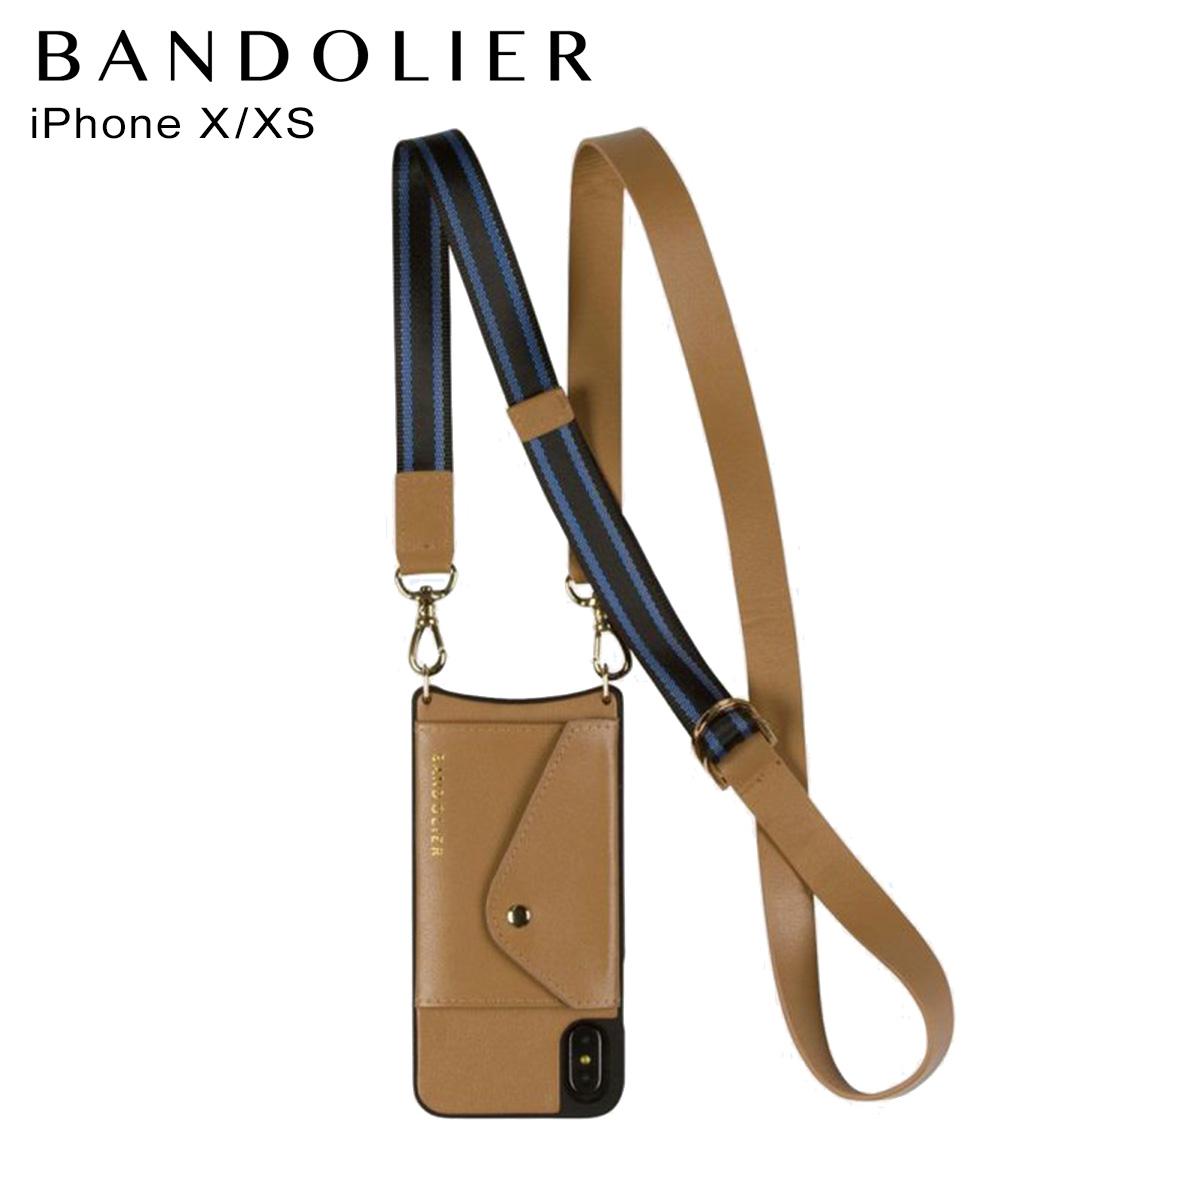 バンドリヤー BANDOLIER iPhoneXS X ケース スマホ 携帯 アイフォン レディース OLIVIA SIDE SLOT TAN BLUE キャメル 14oli [12/25 新入荷]